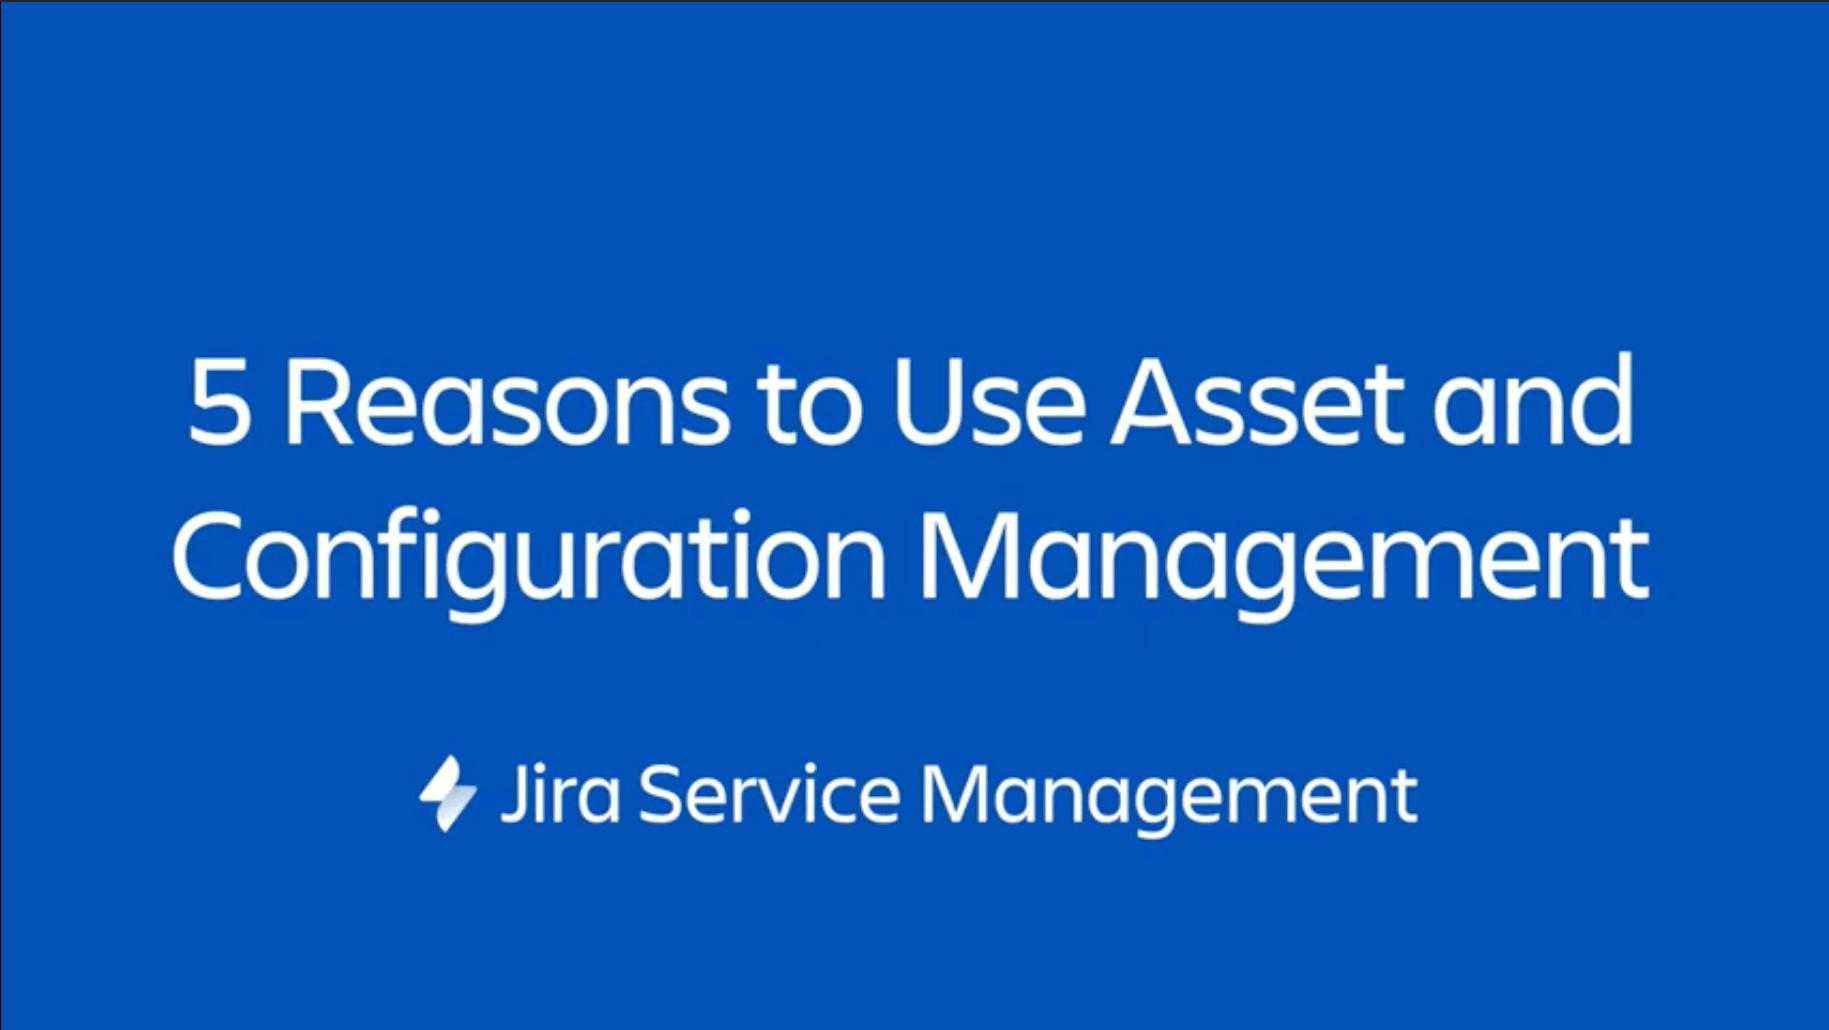 Решение Jira Service Management выводит Jira Software на новый уровень